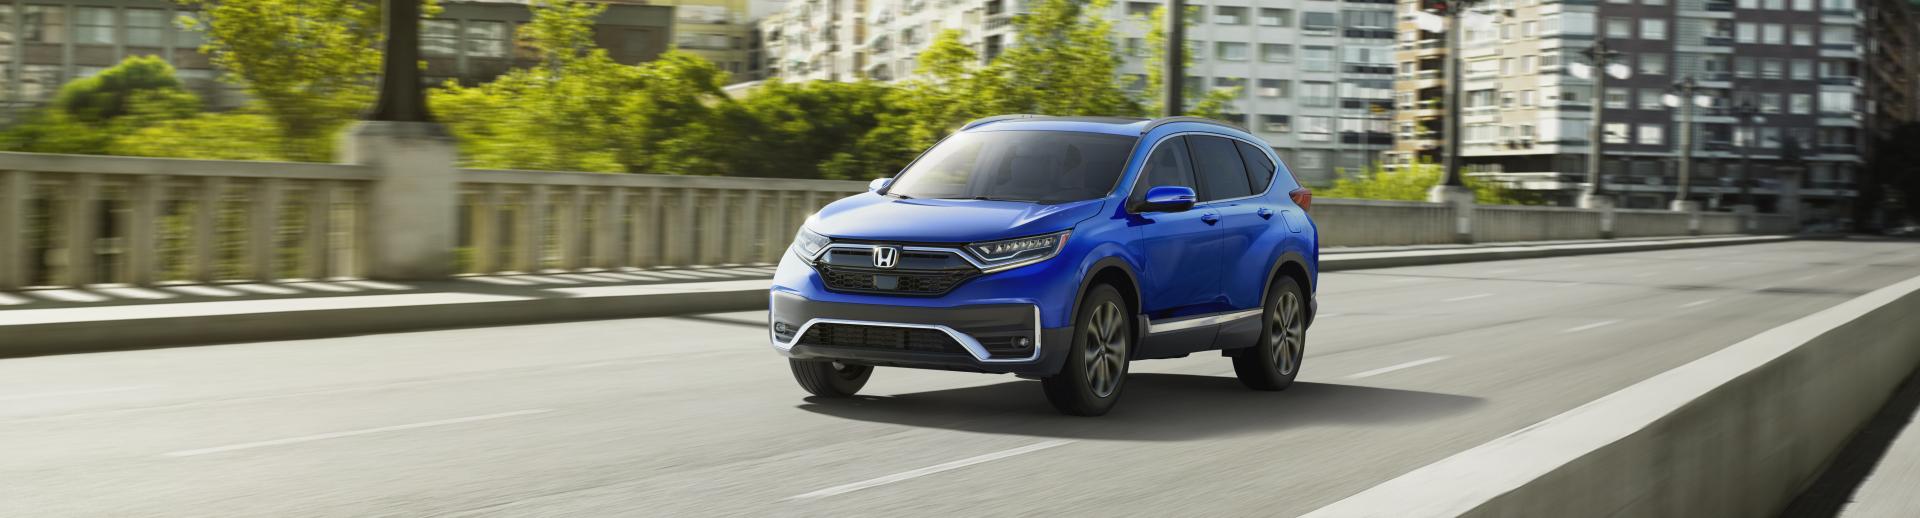 2021 Honda CR-V Lifestyle Photo